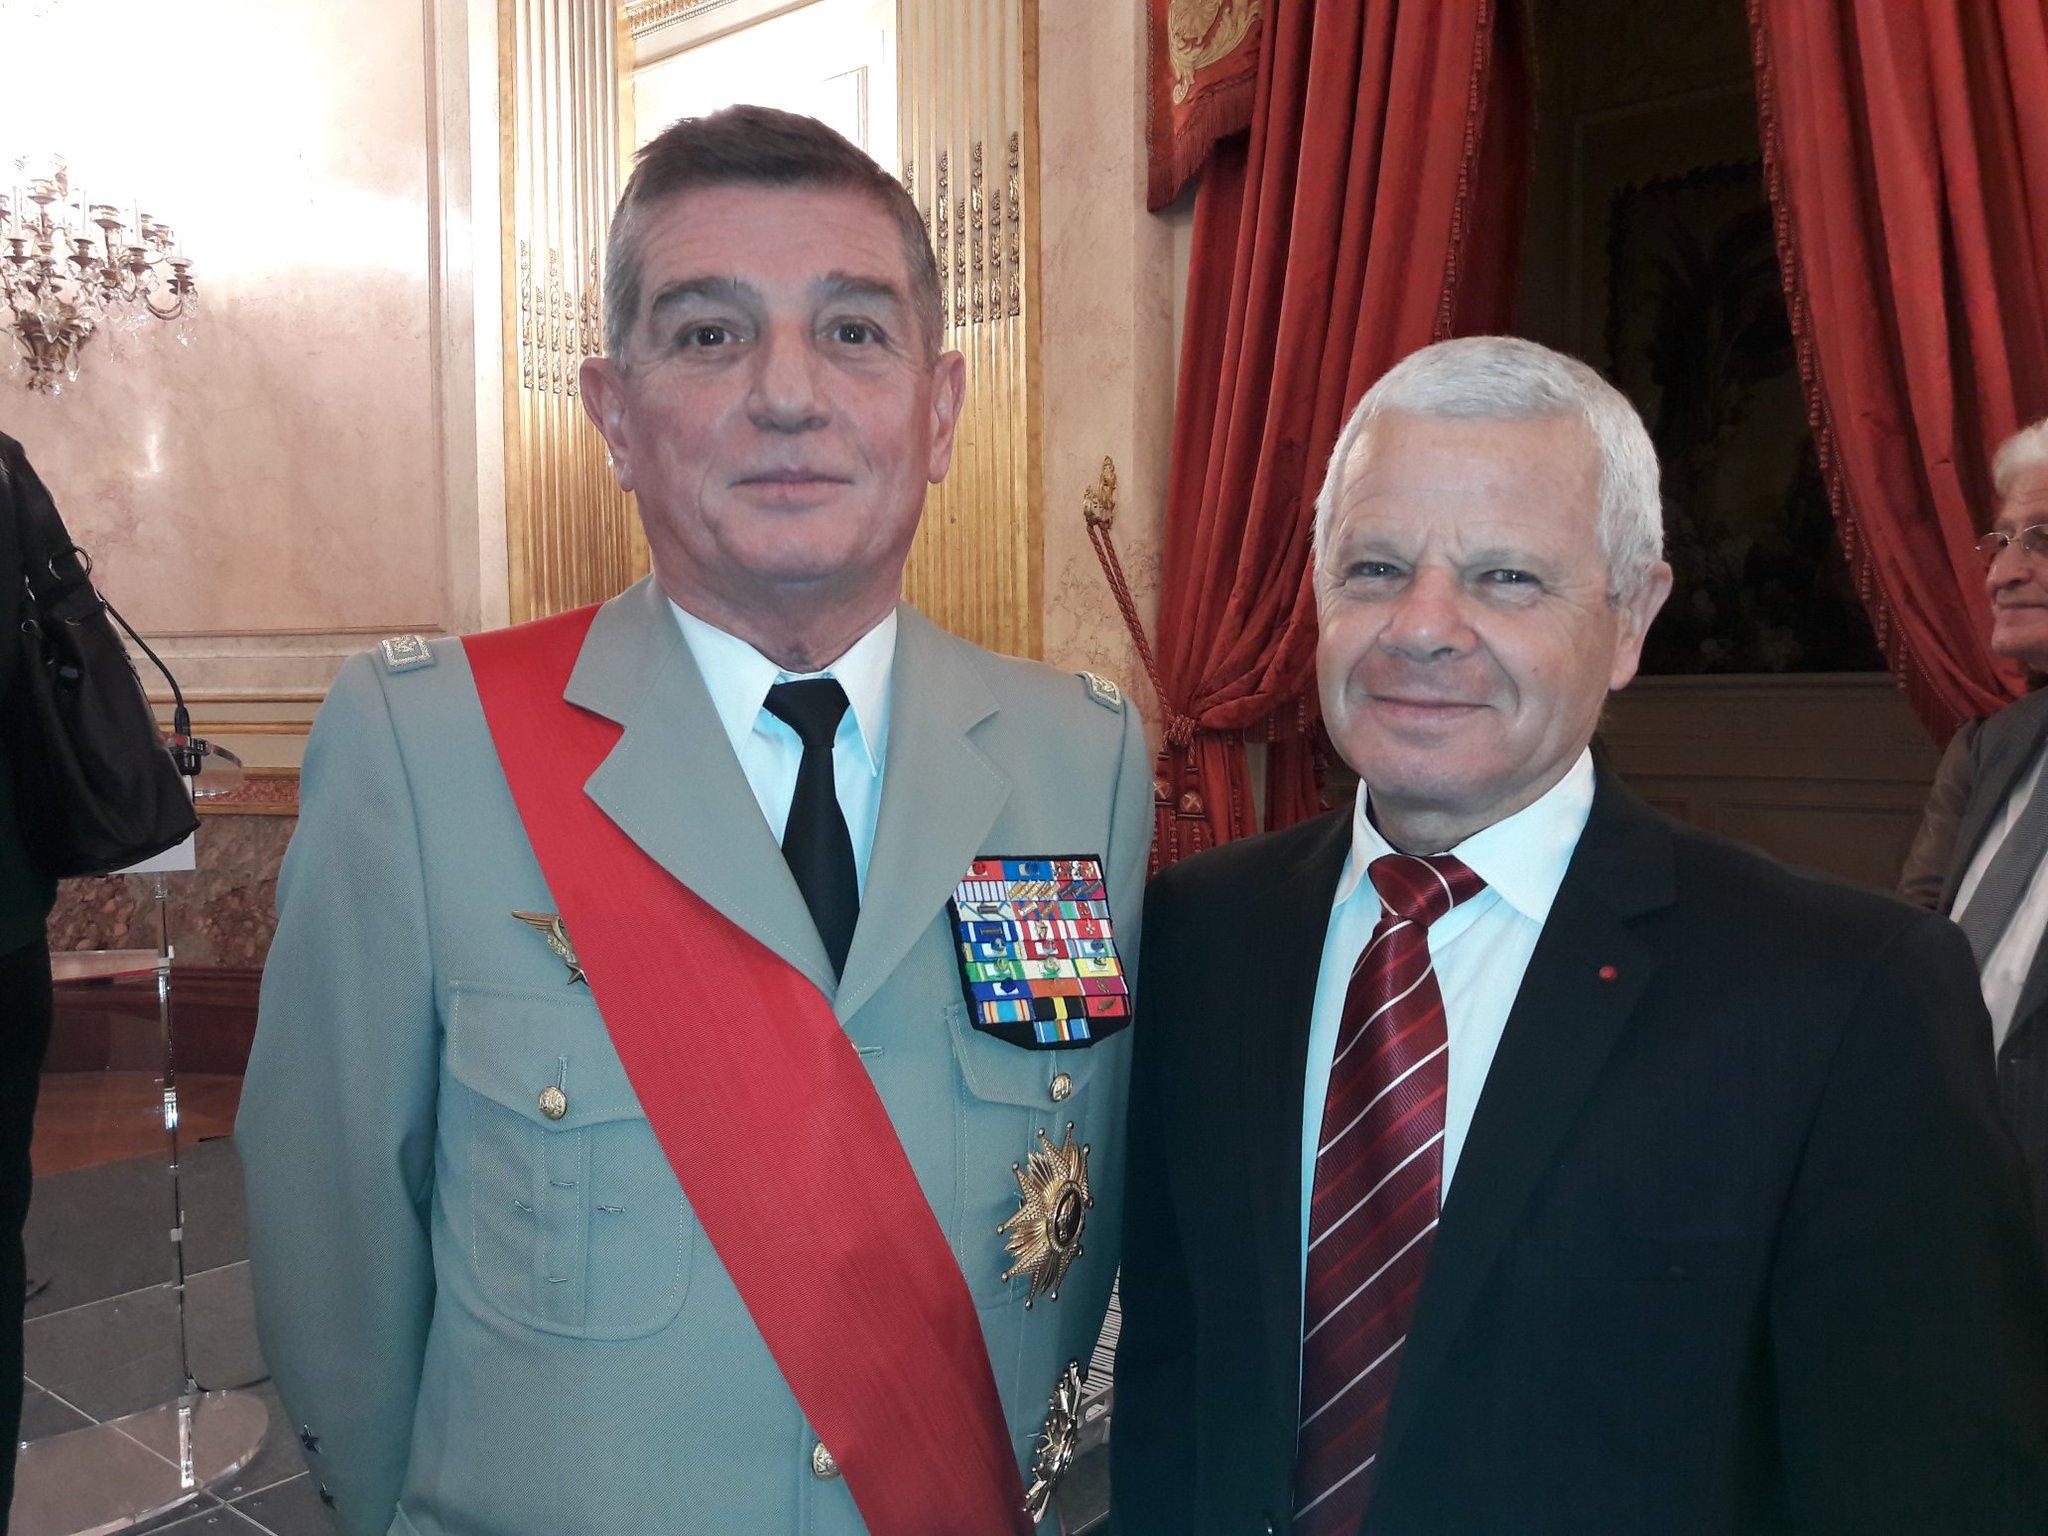 #prixgrandtemoin Le général Puga, Grand Chancelier de La Légion d'Honneur, membre du Jury et le général Peter, administrateur de LFM. https://t.co/GsrmDi8Q5D